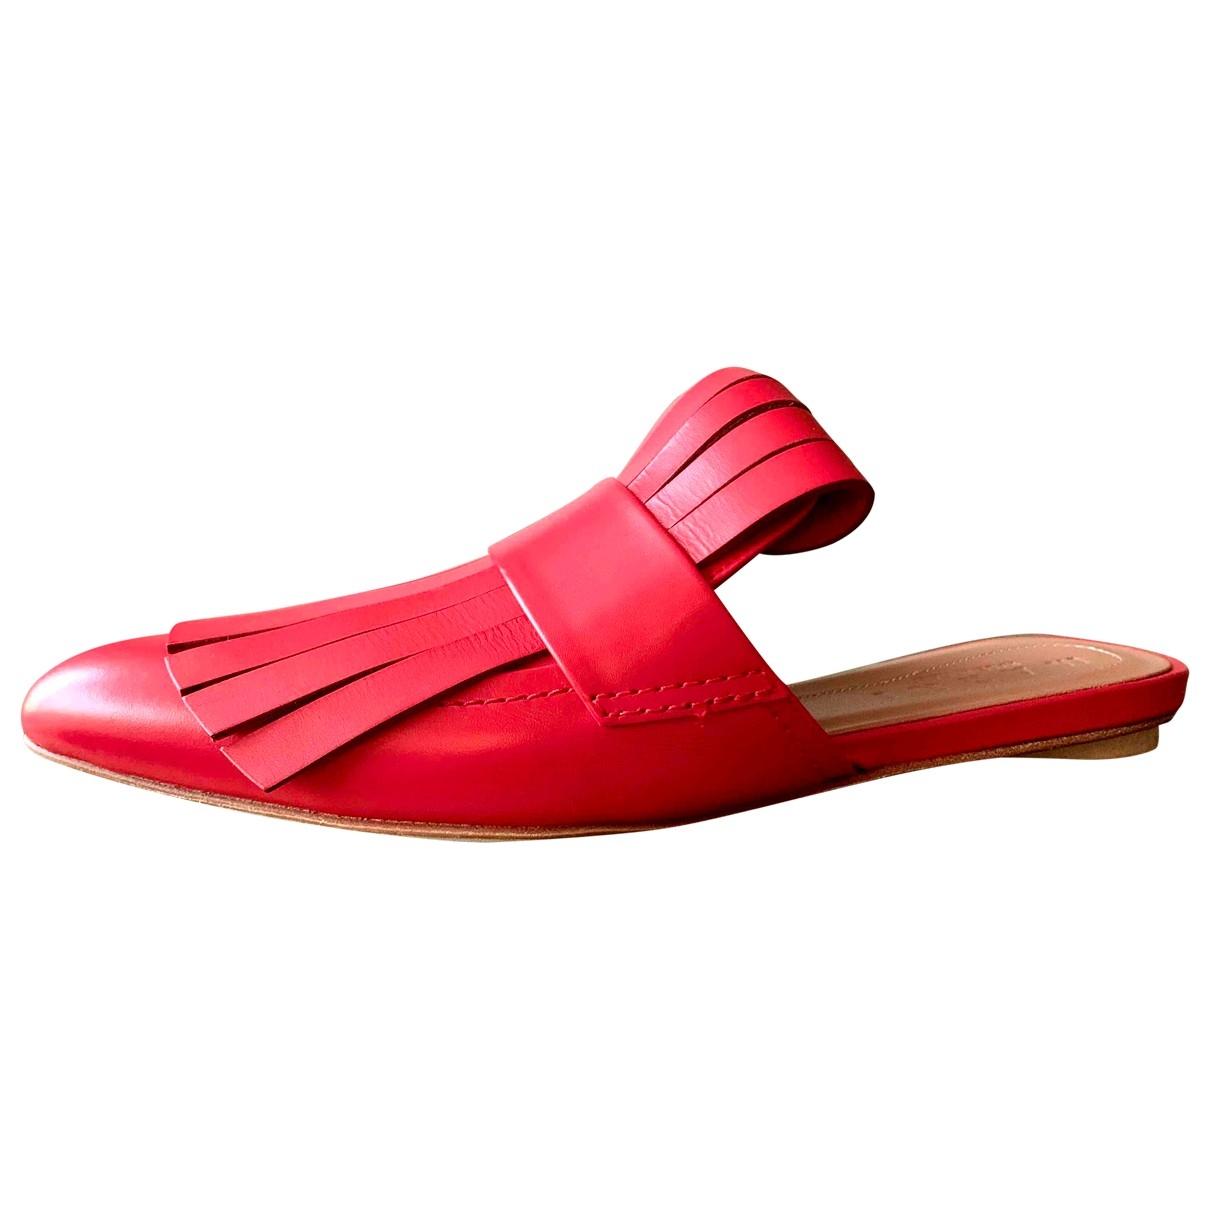 Marni - Sandales   pour femme en cuir - rouge